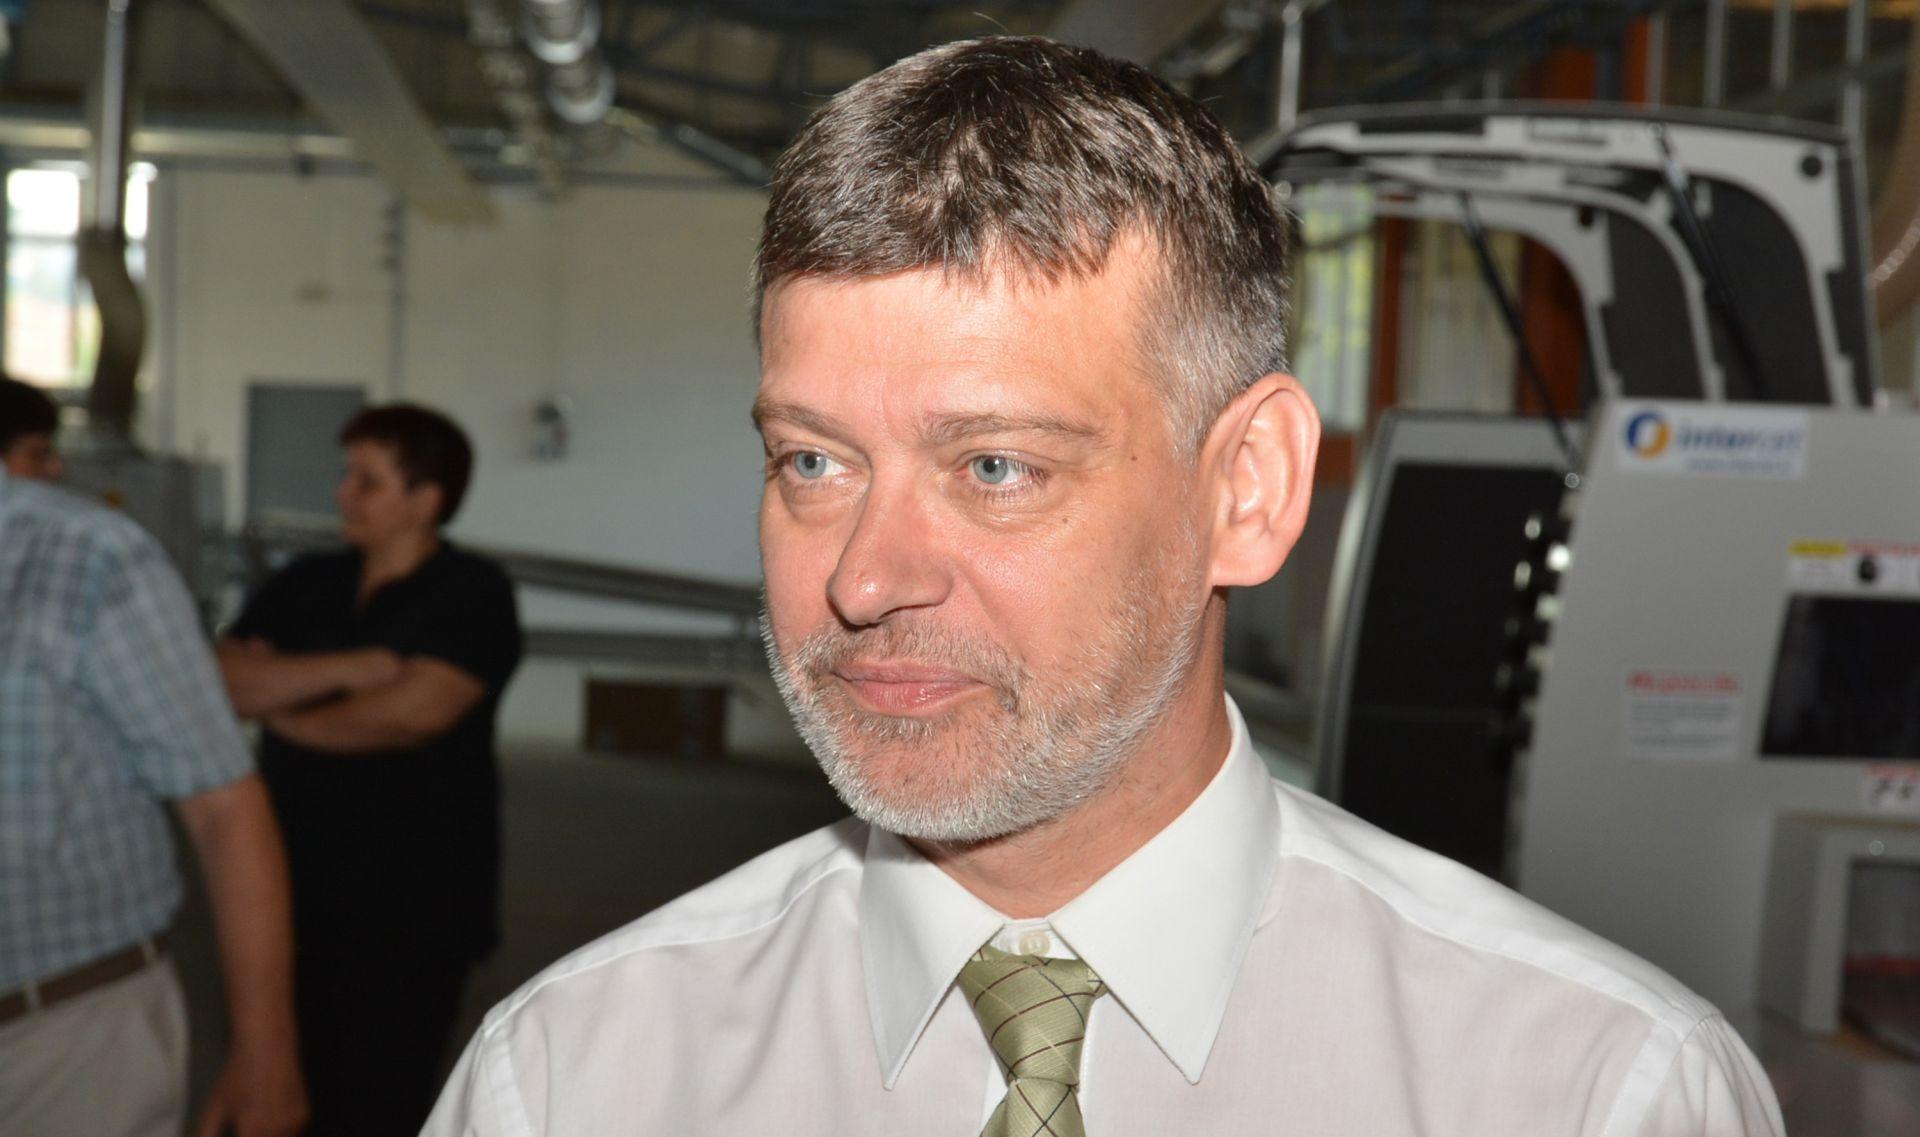 Ivan Pavelić se ne odriče prava na bonus, ali je spreman na razgovor o kompromisu